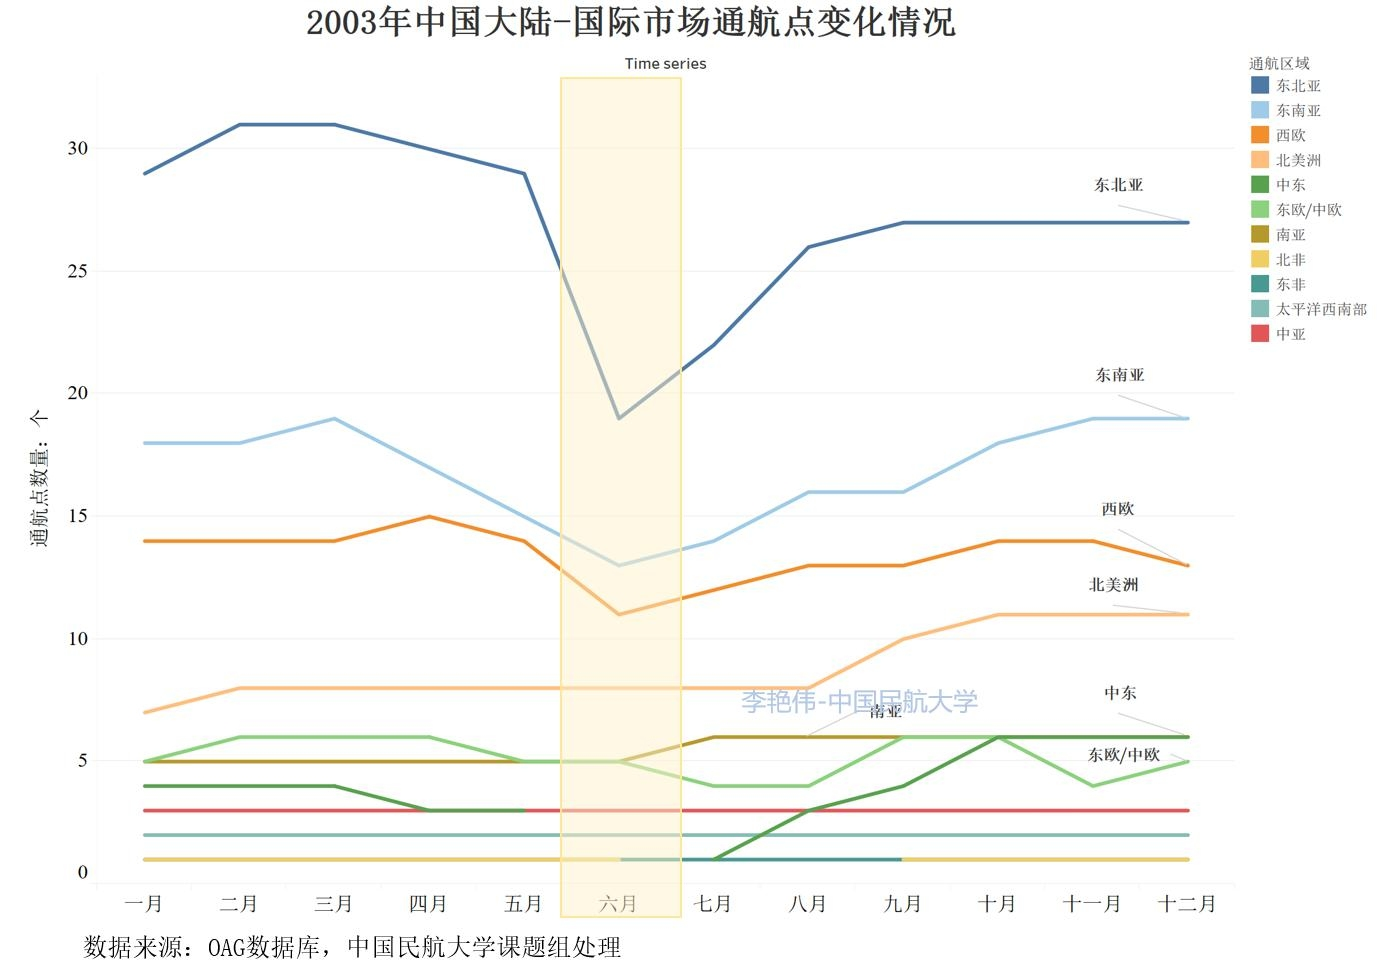 李艳伟数据图